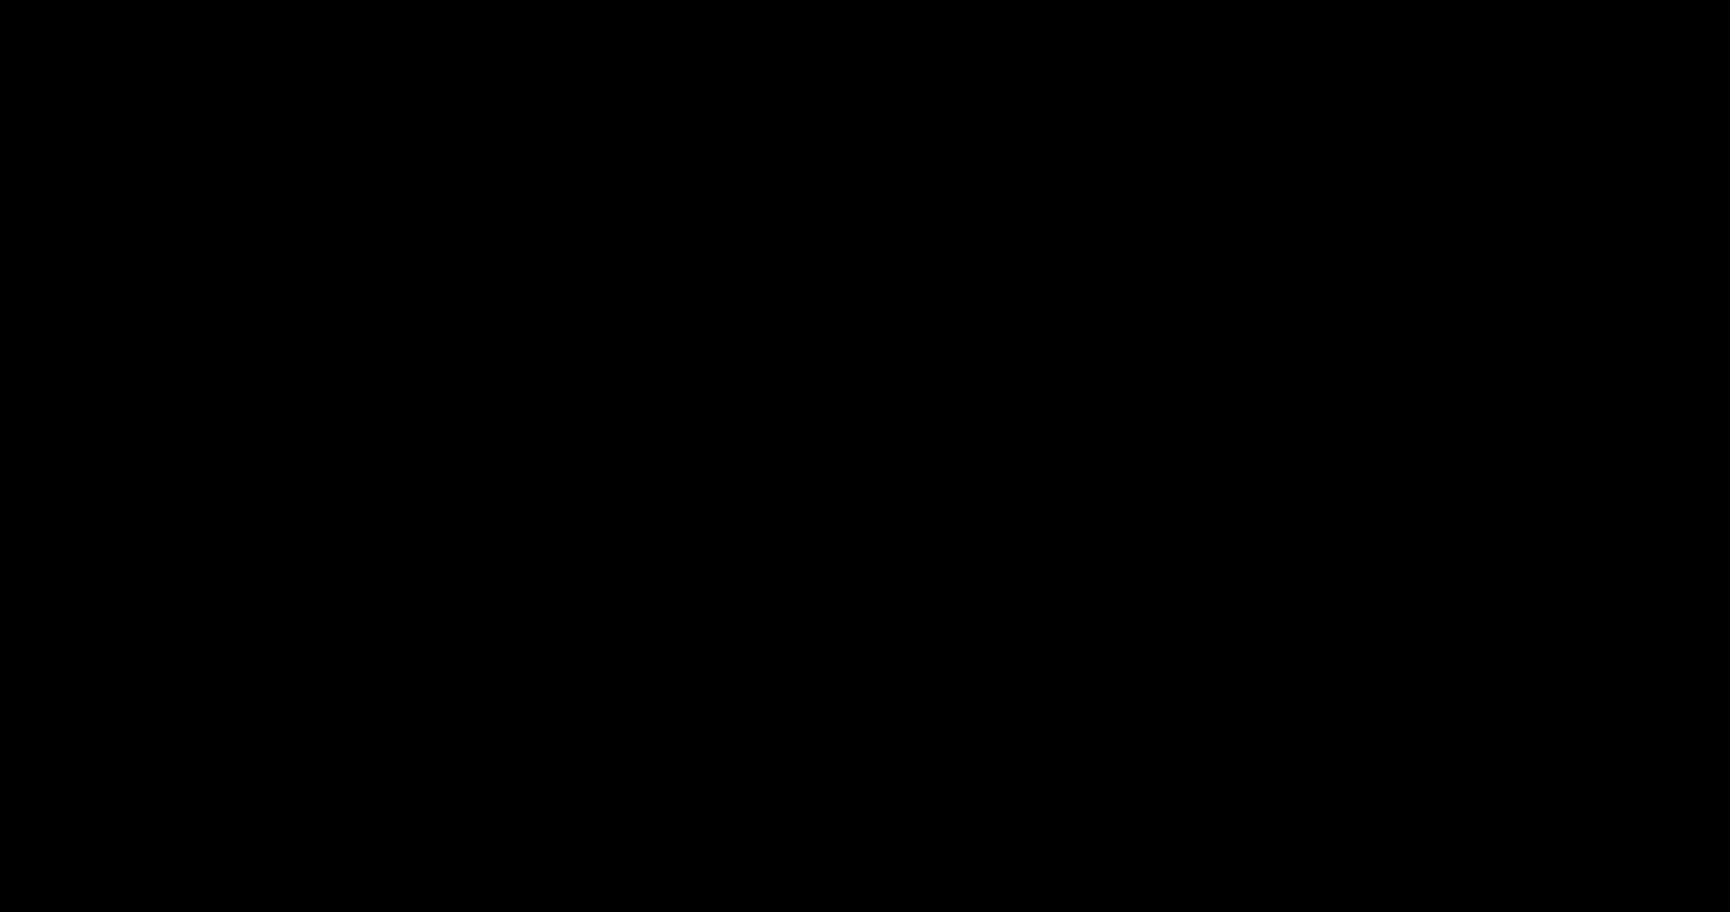 Ilustración de clipart de Linea negra en PNG, SVG